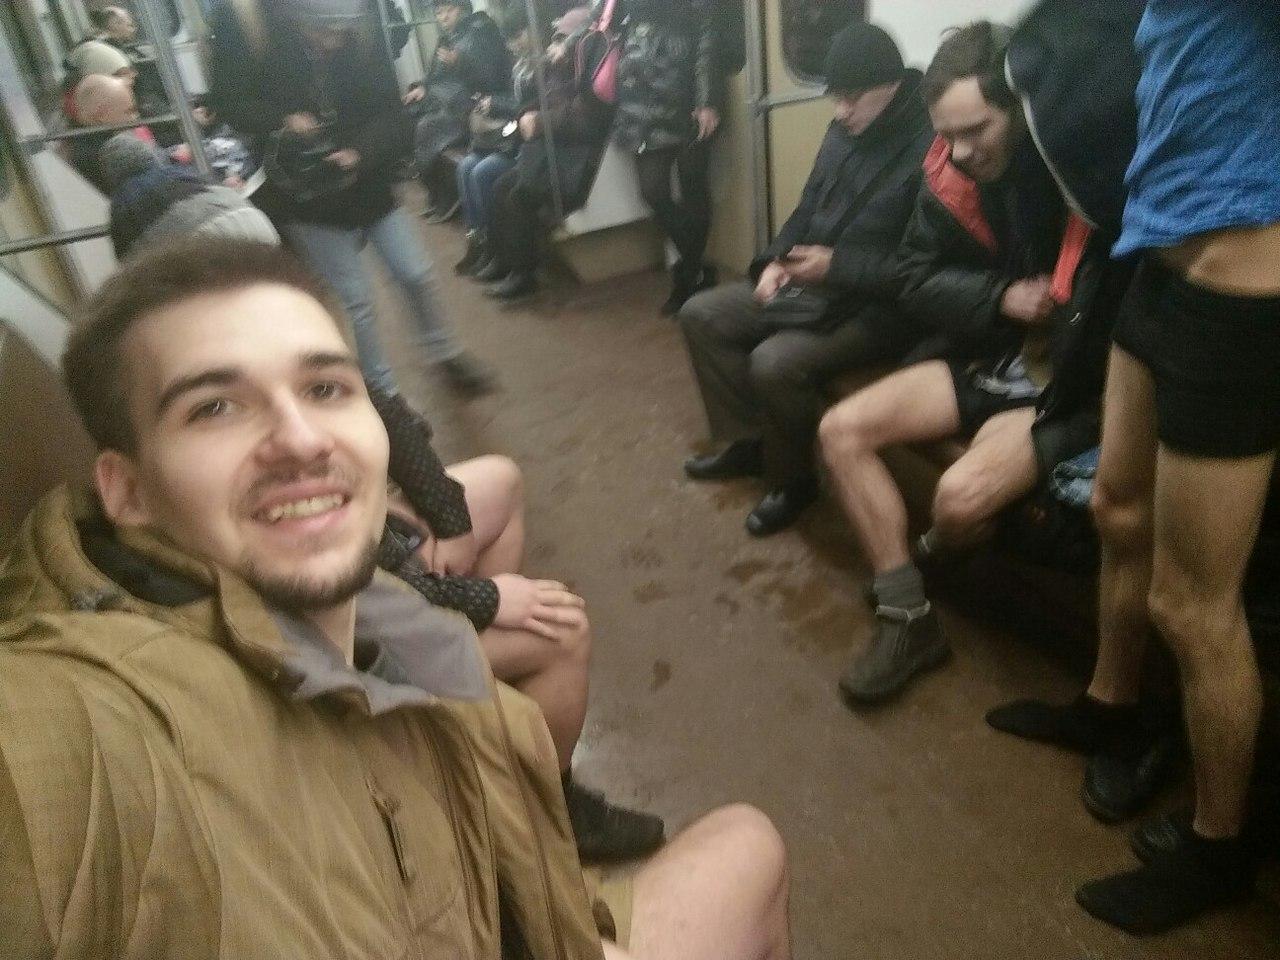 В метро без штанов. Акция закончилась позором